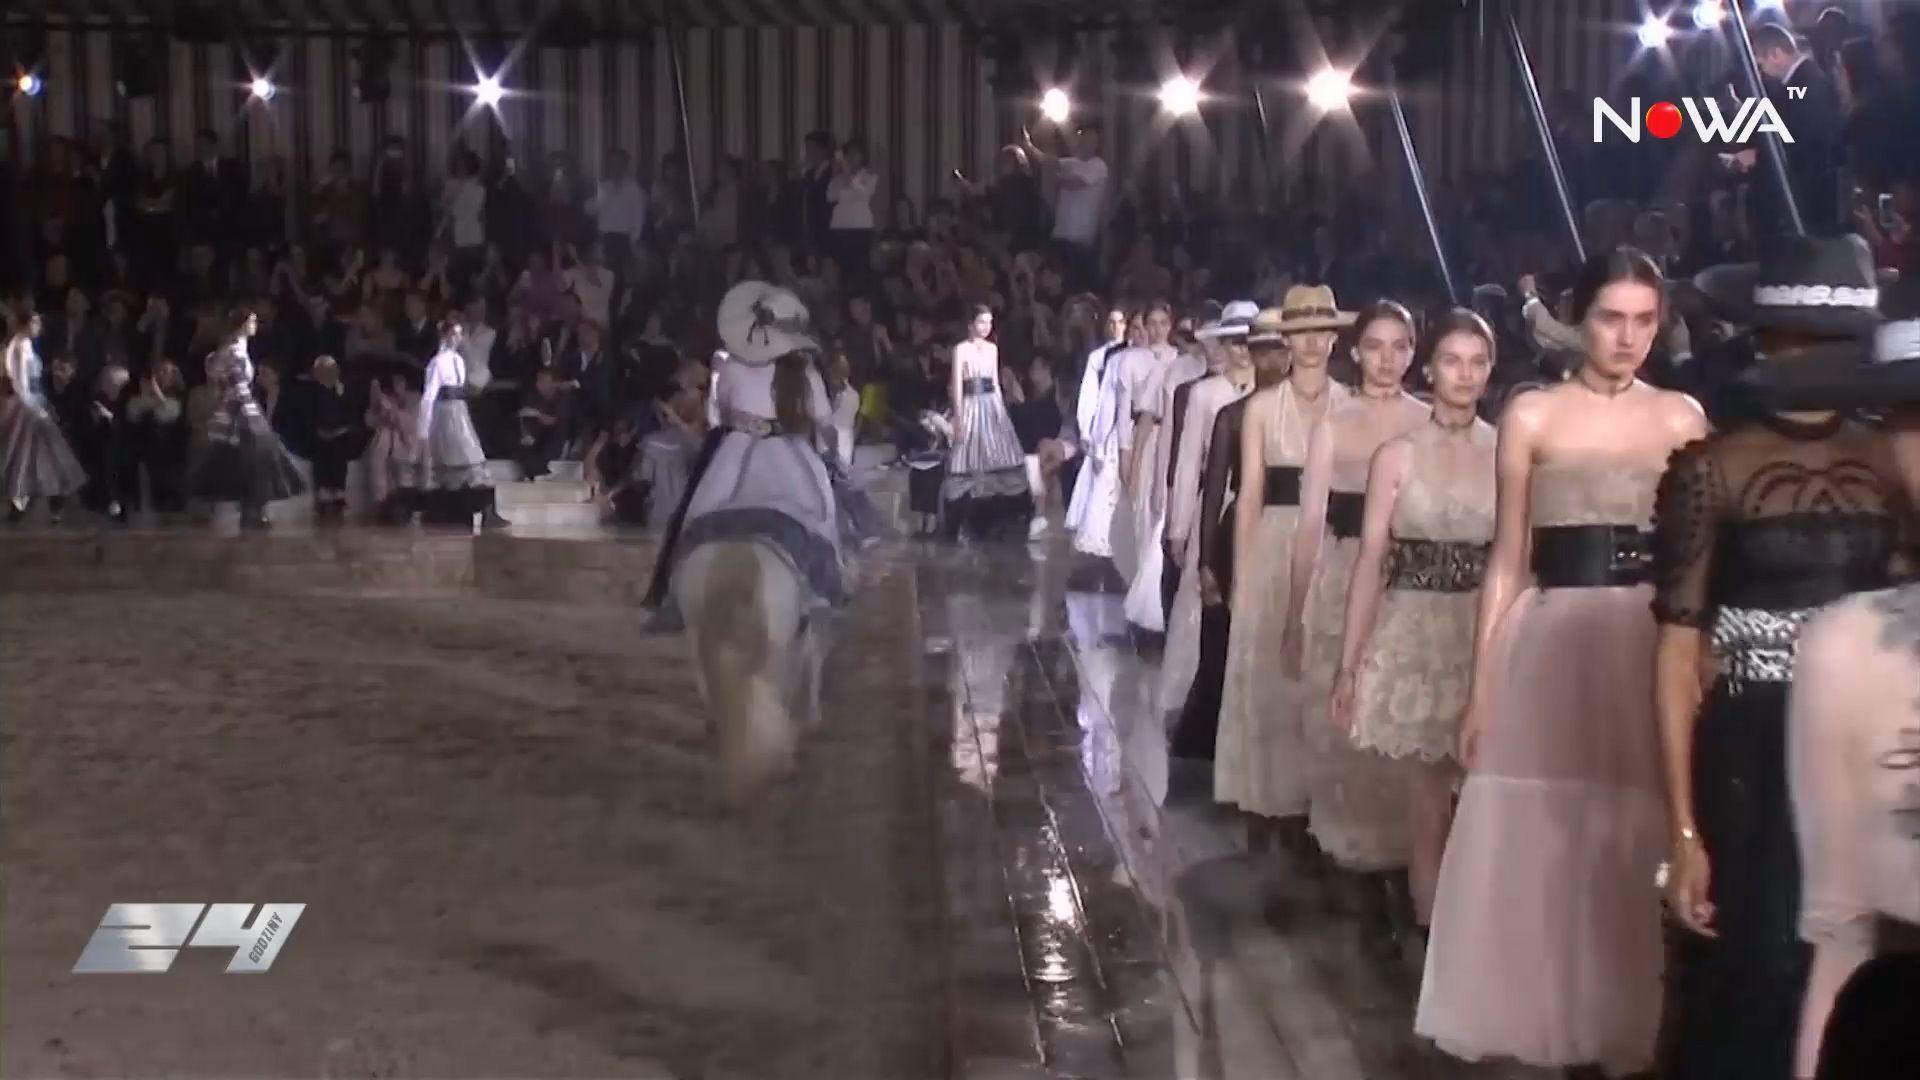 Pokaz mody w strugach deszczu